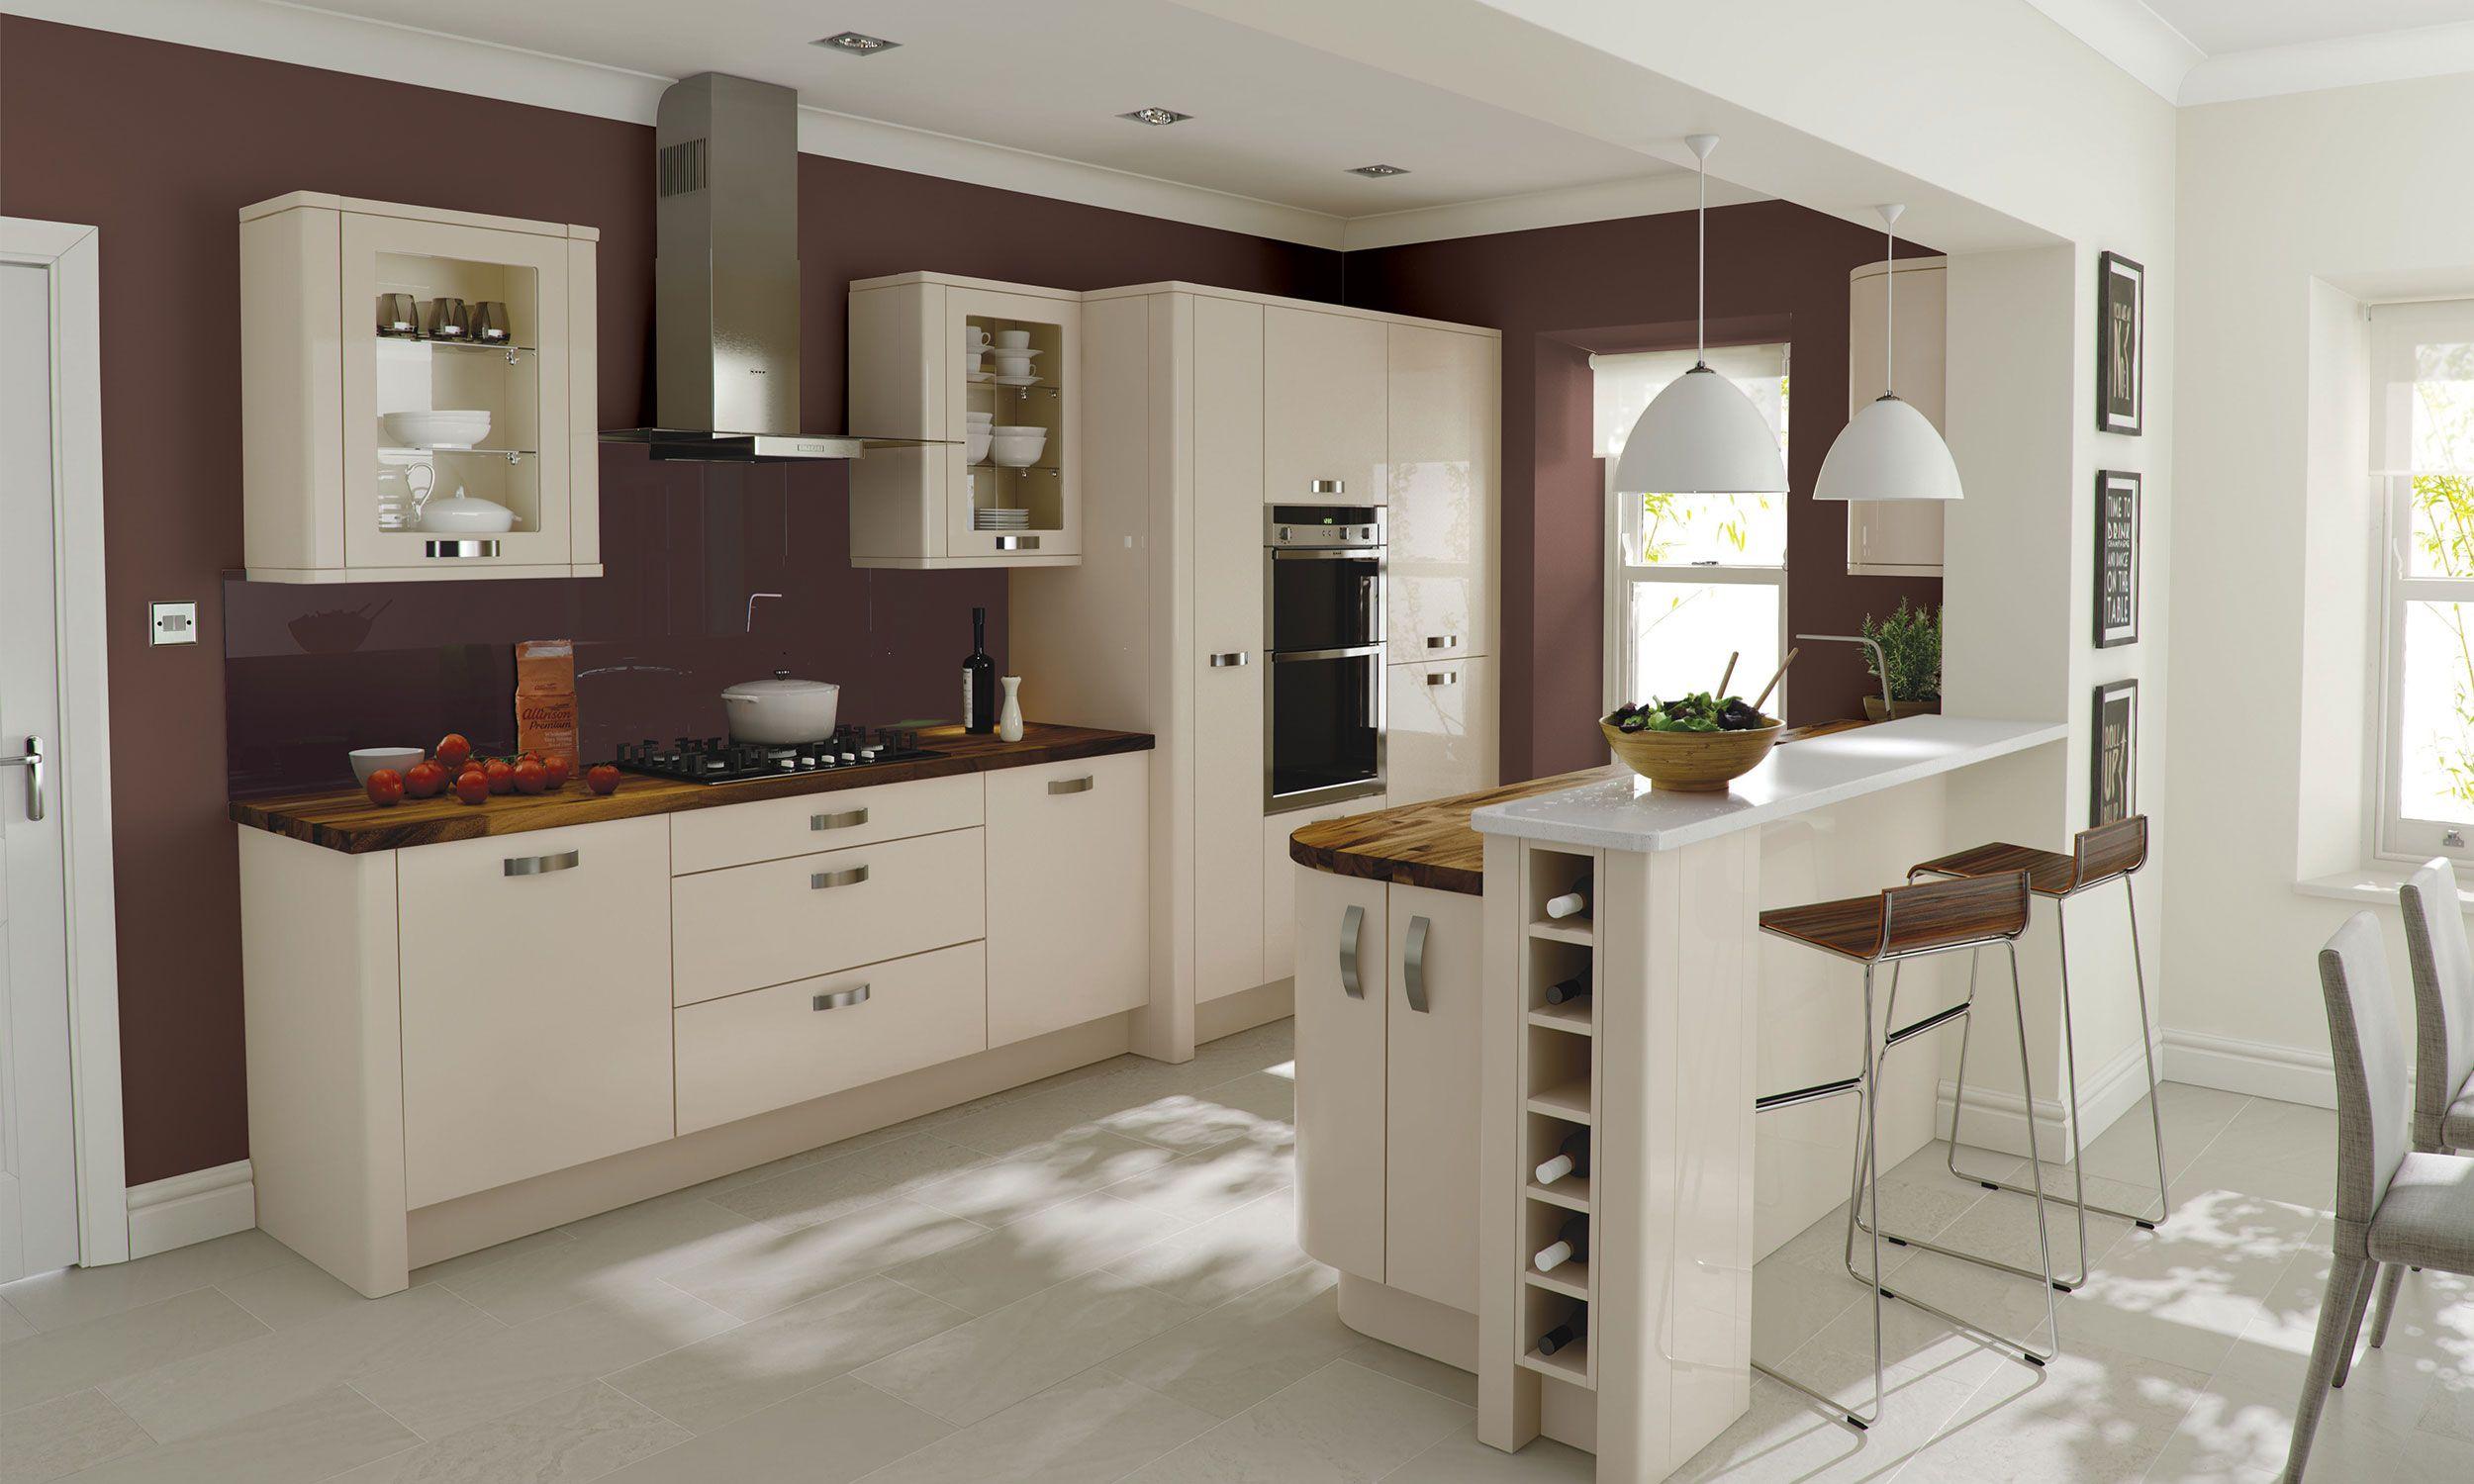 Porter Kitchen visualizer, Kitchen design